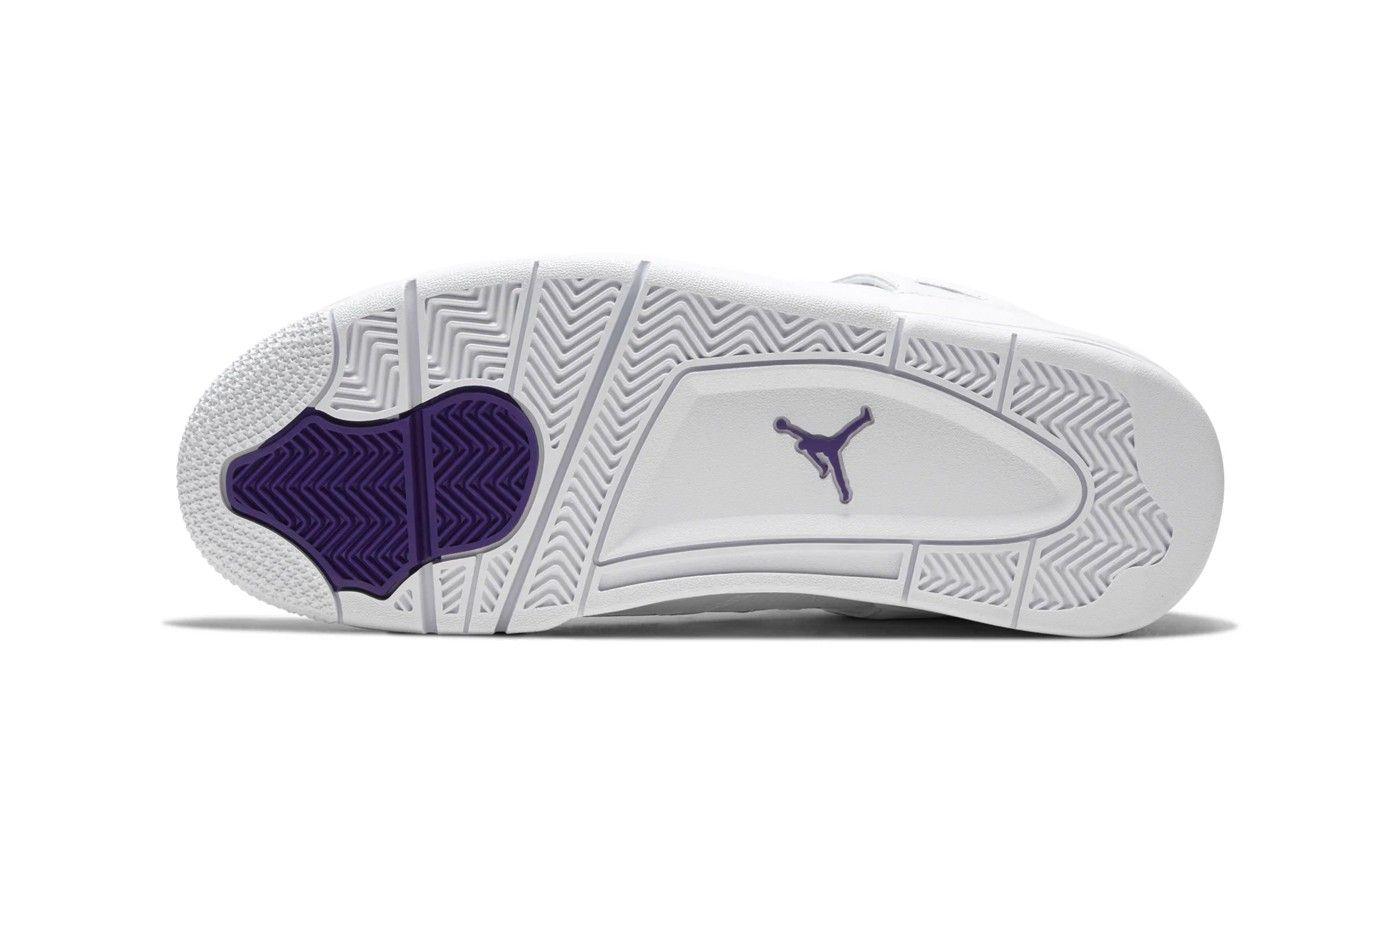 Air Jordan 4 'Metallic Purple'